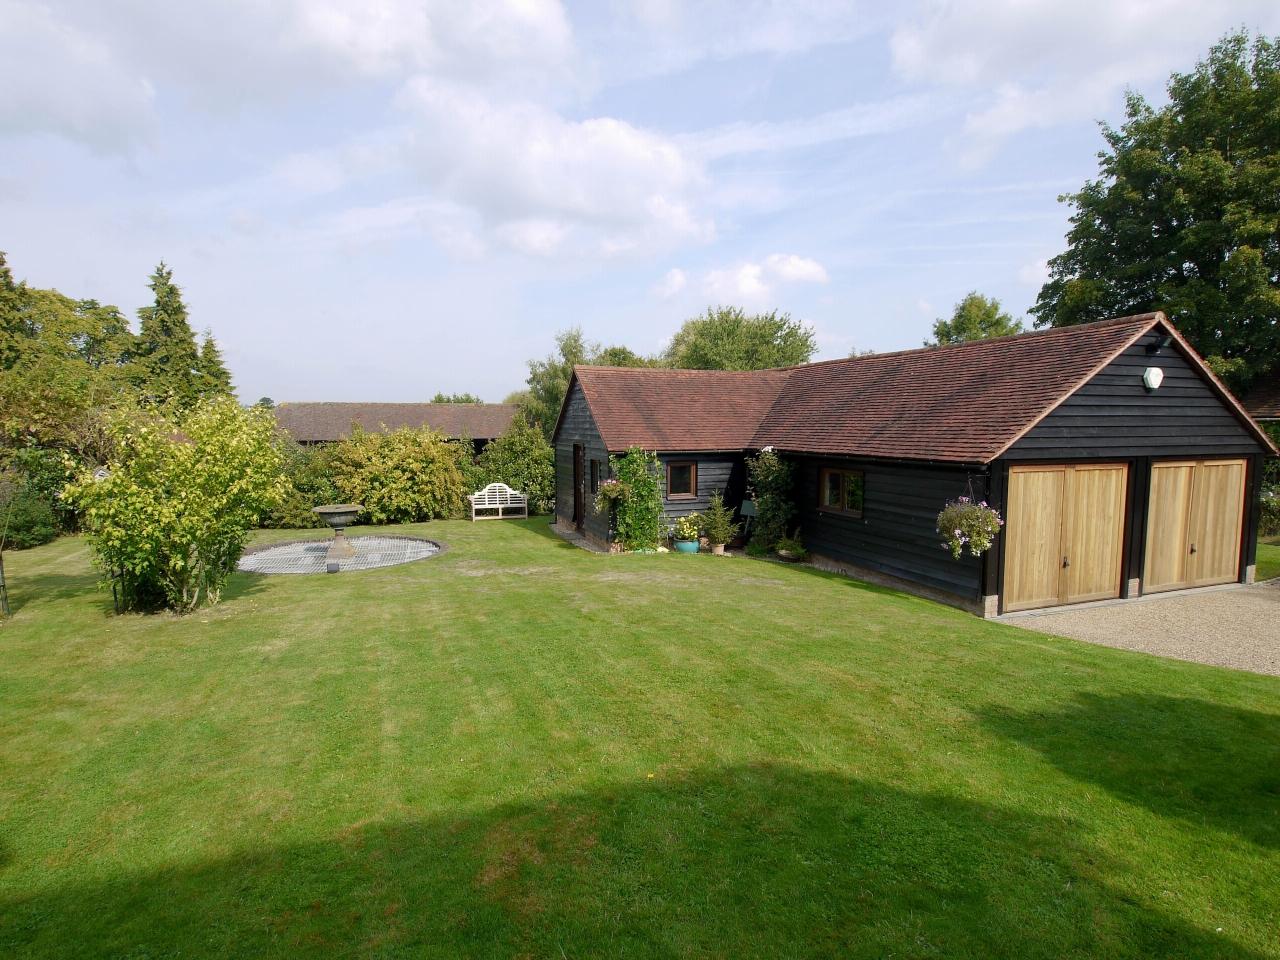 4 bedroom detached house Sold in Tonbridge - Photograph 17